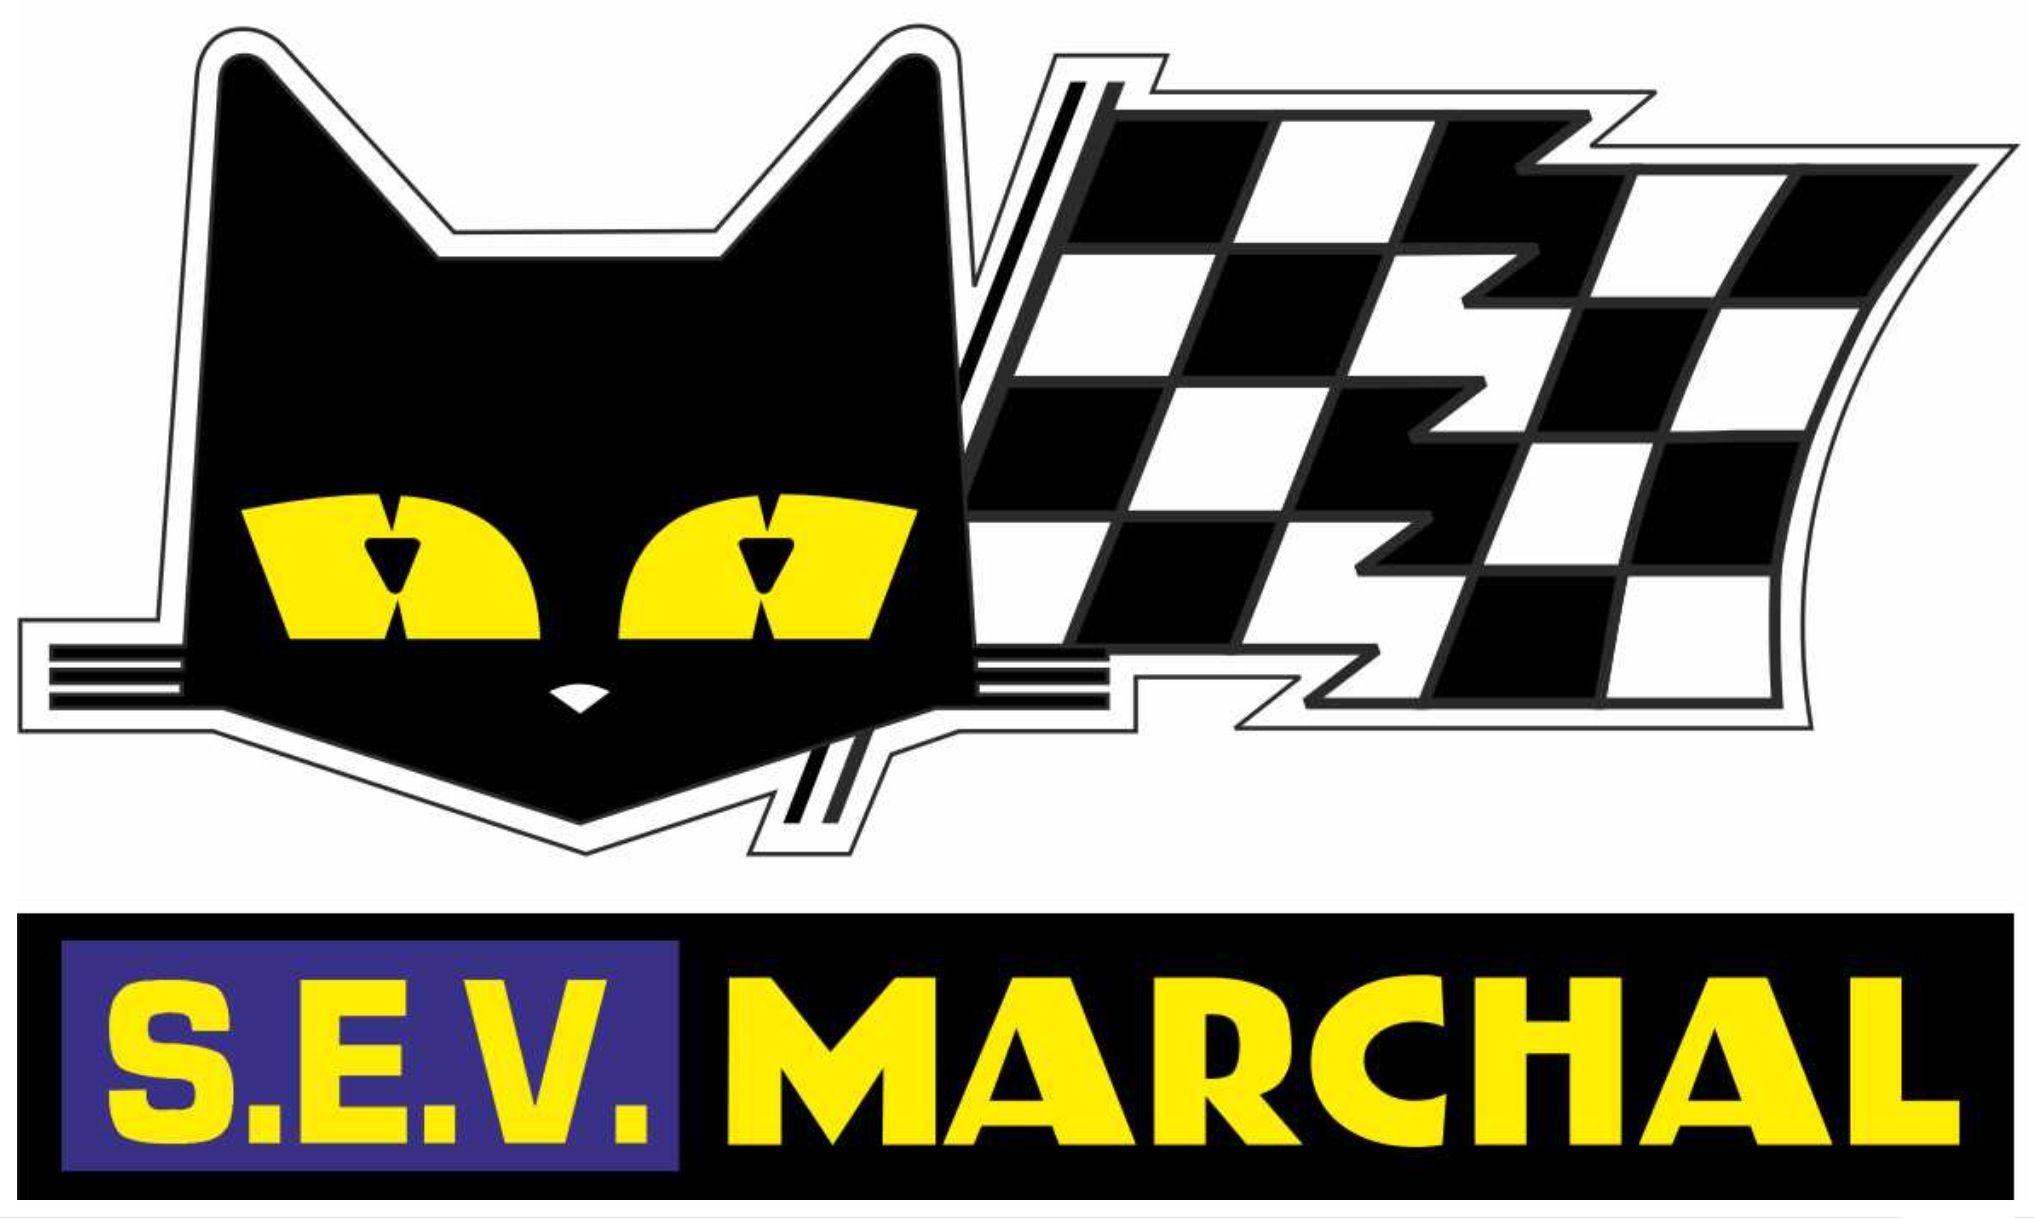 s e v marchal carteles pinterest logo images and cars rh pinterest com Auto Repair Shop Inside Vintage Auto Repair Logos